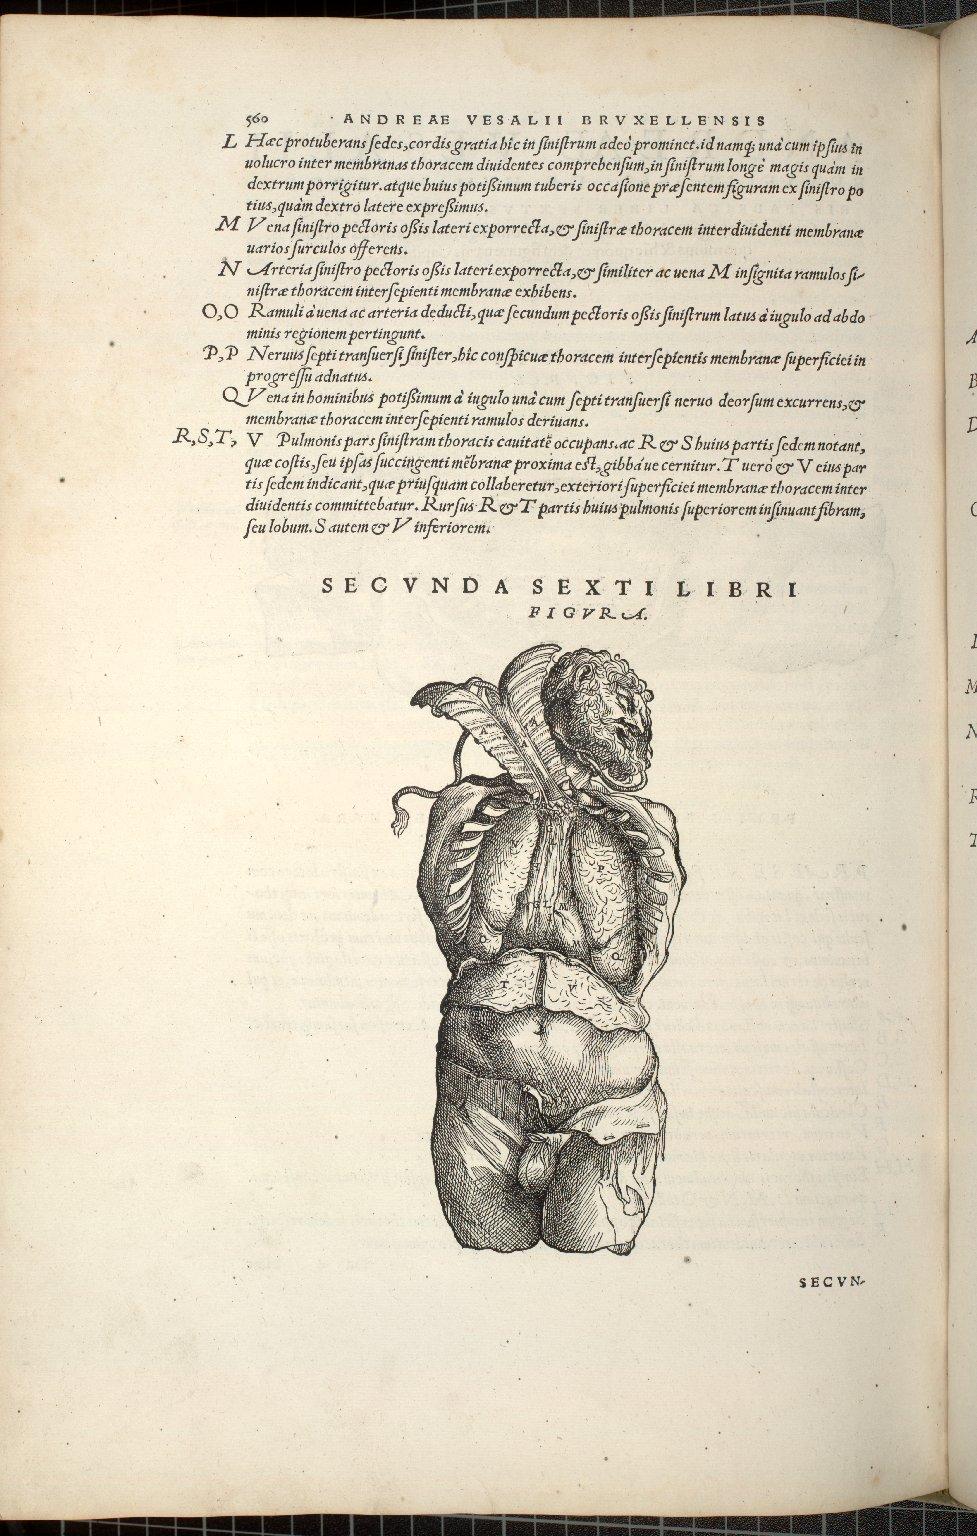 Secunda Sexti Libri Figura.